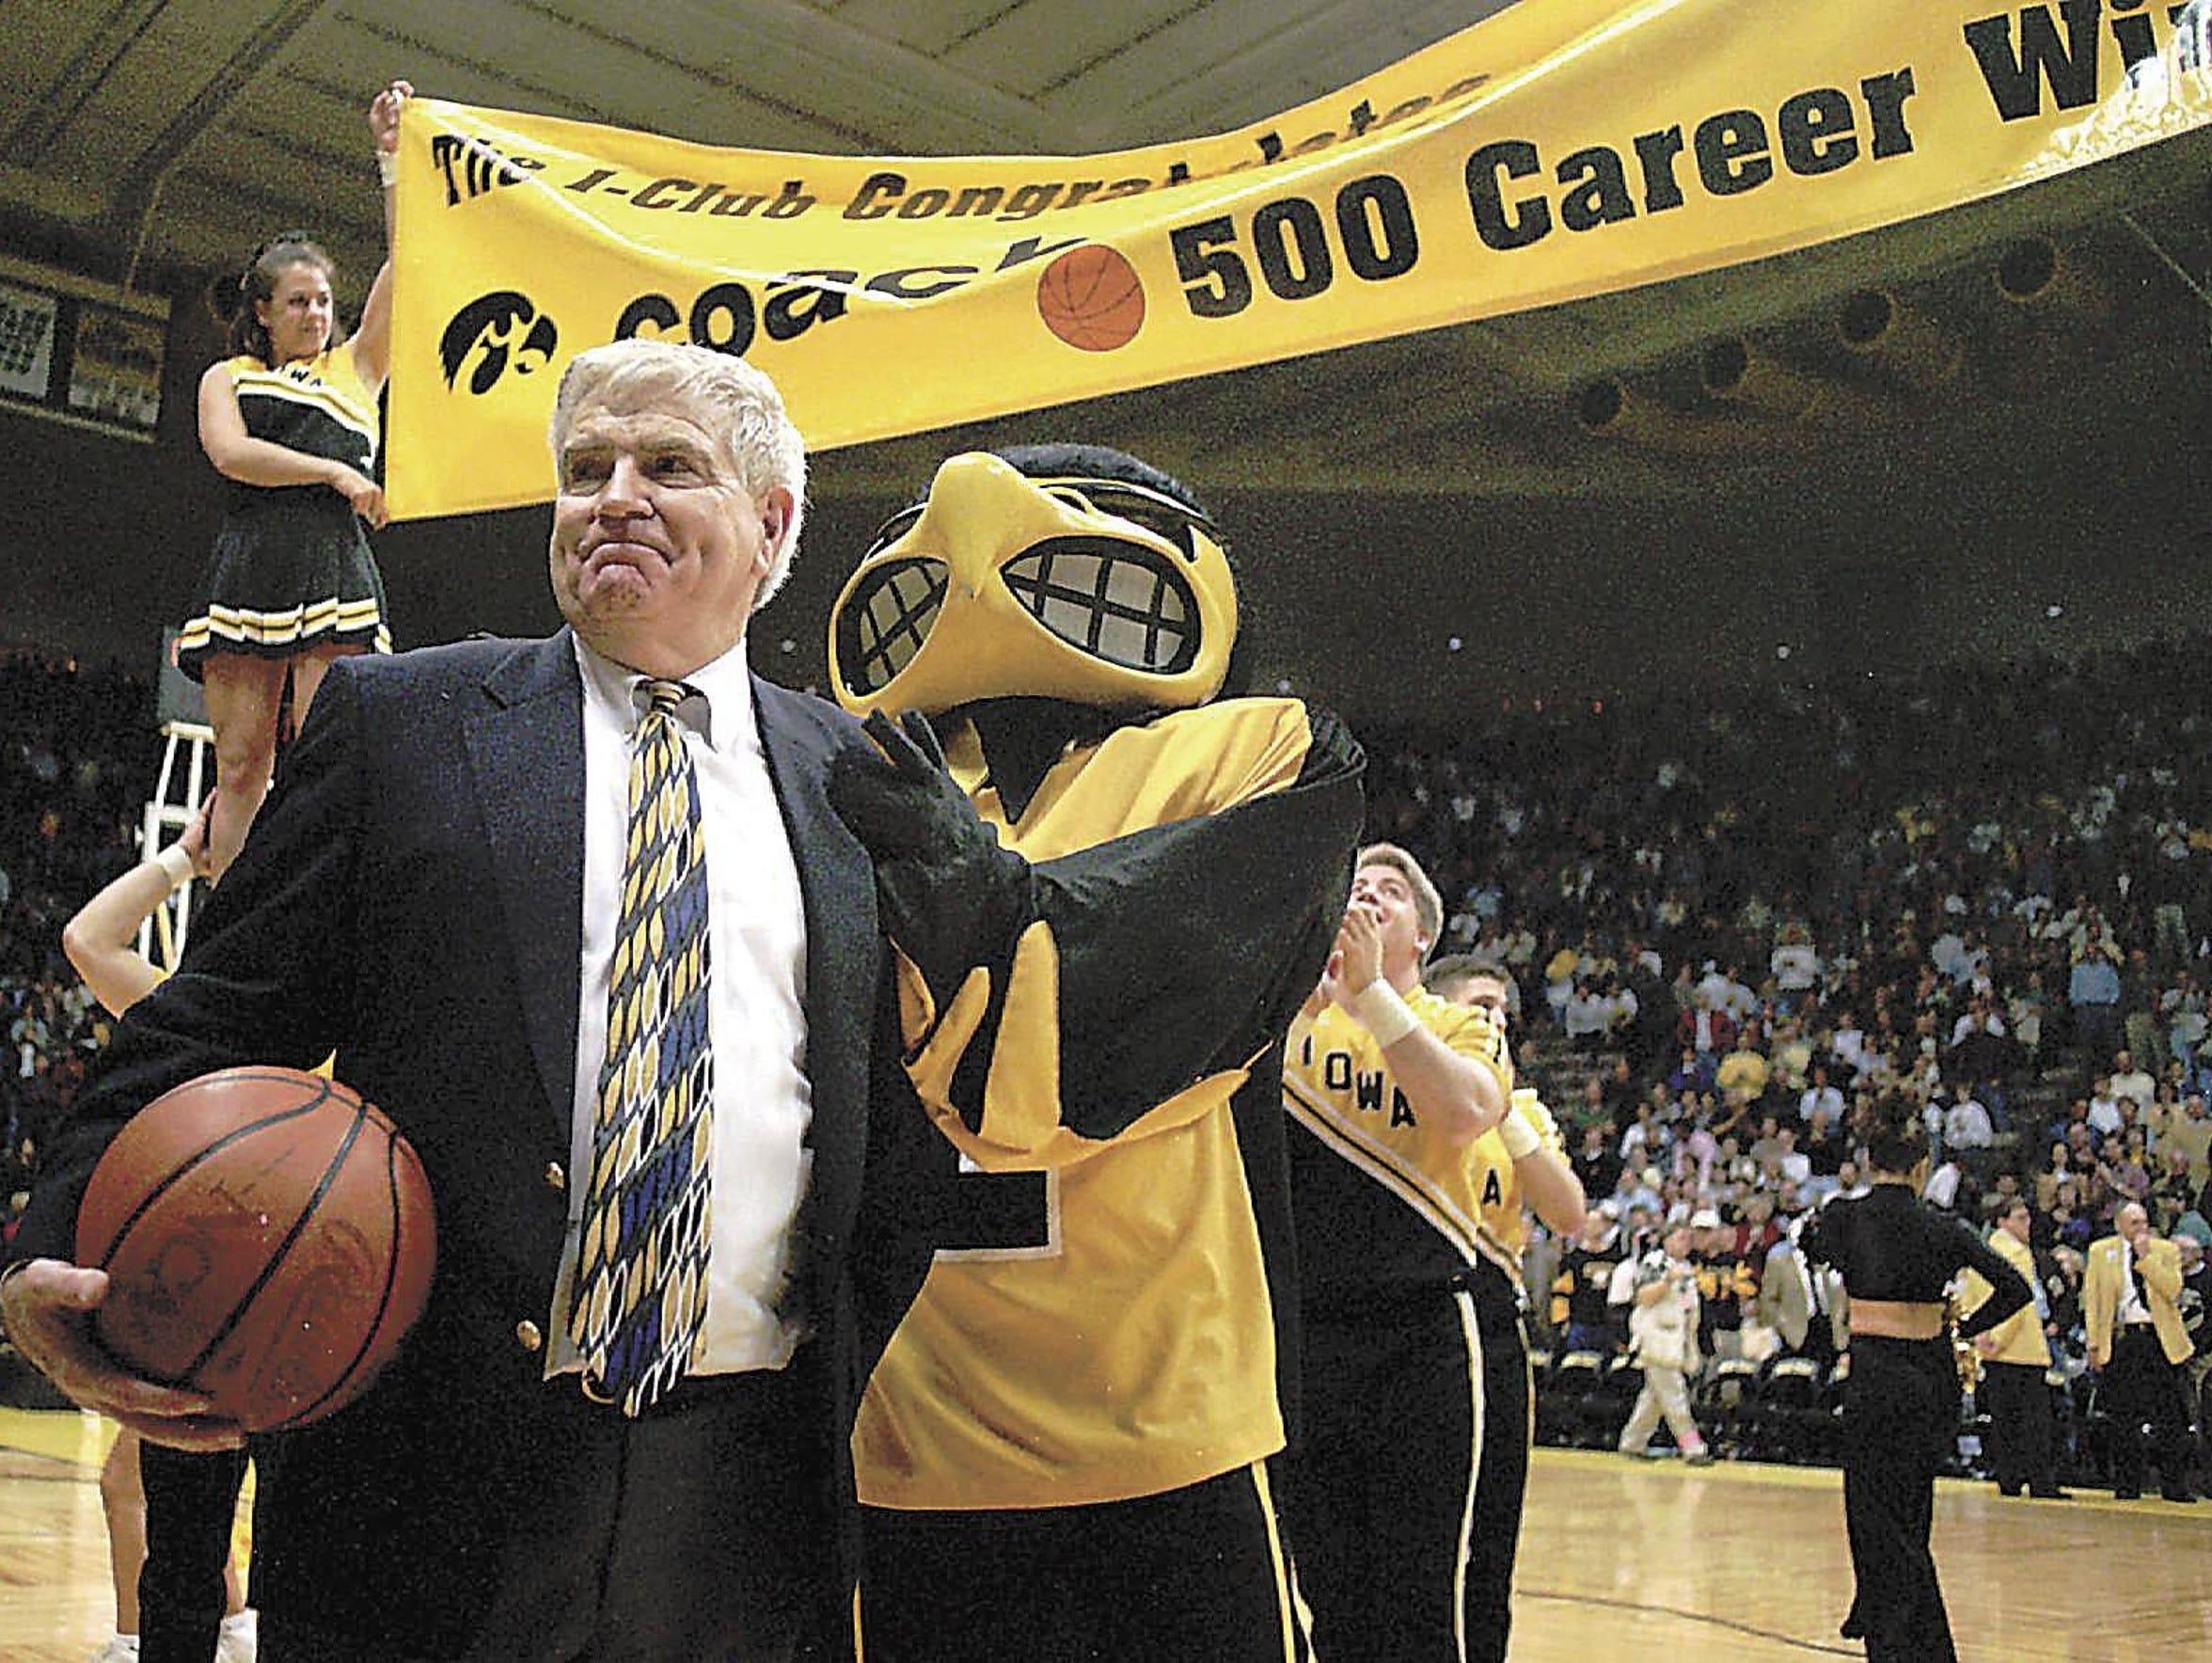 Former UI coach Tom Davis celebrates his 500 career